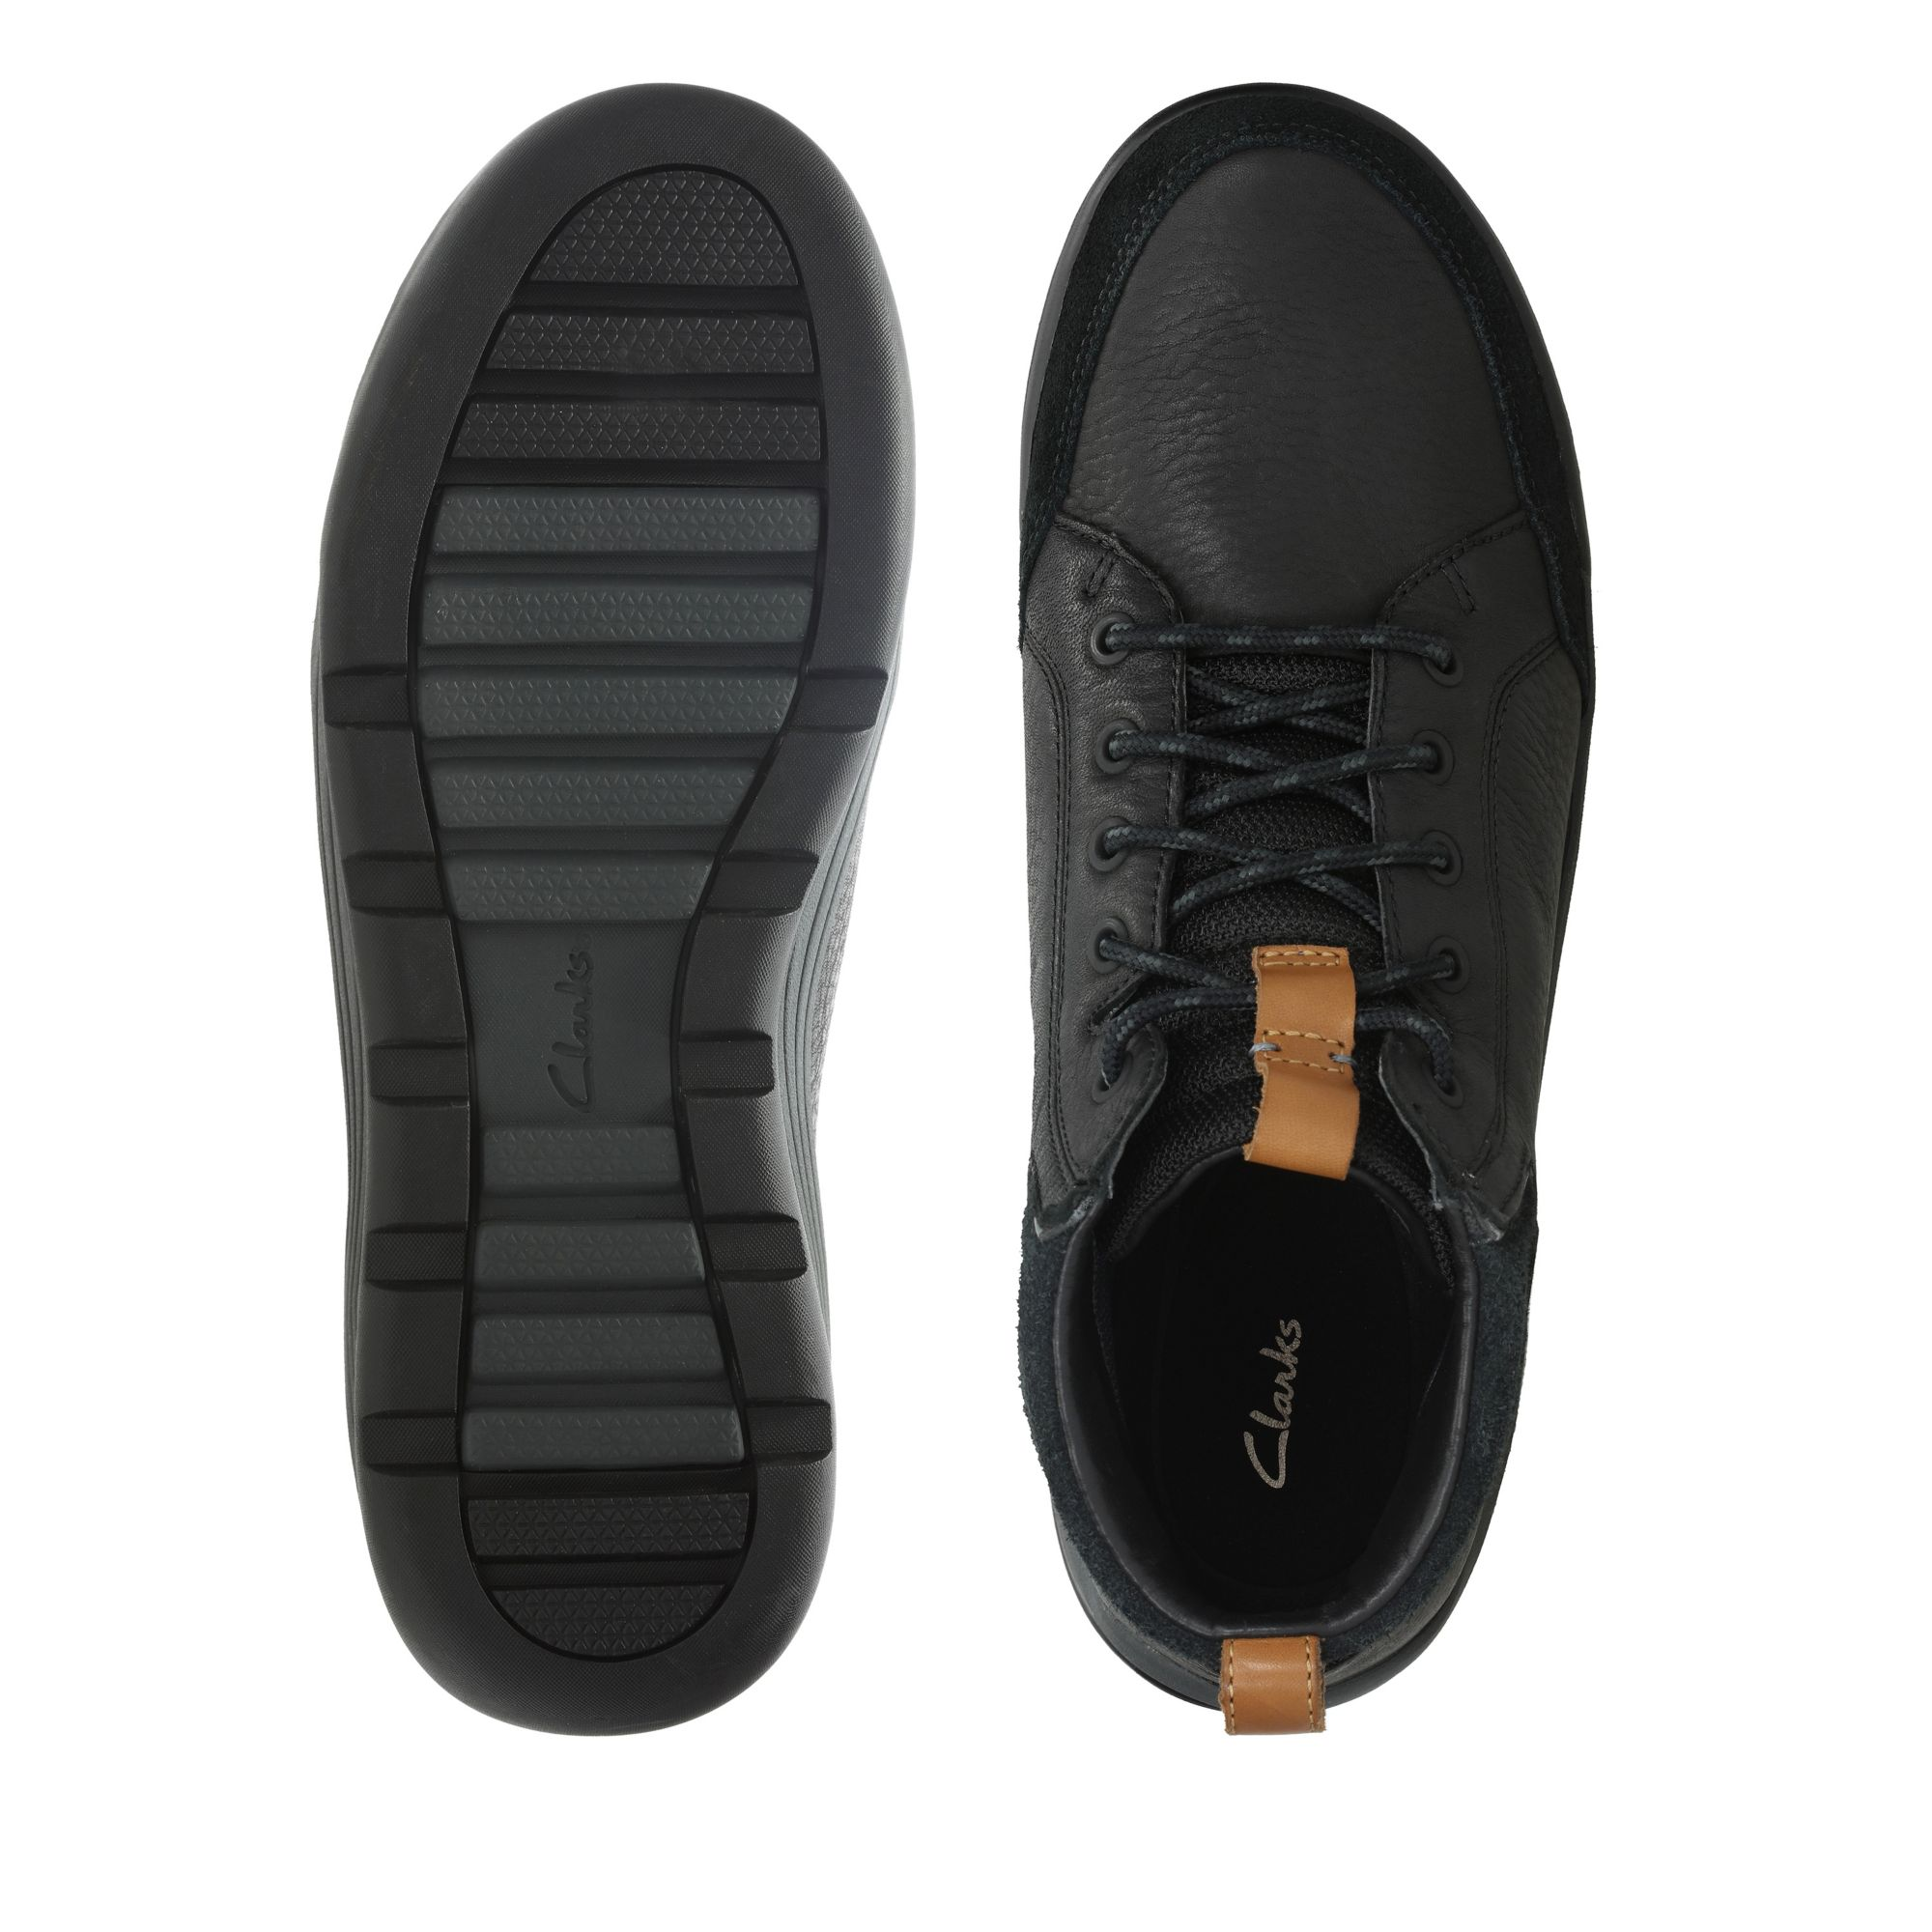 Мъжки обувки Clarks Ashcombe Mid Gore-Tex естествена кожа - снимка 7